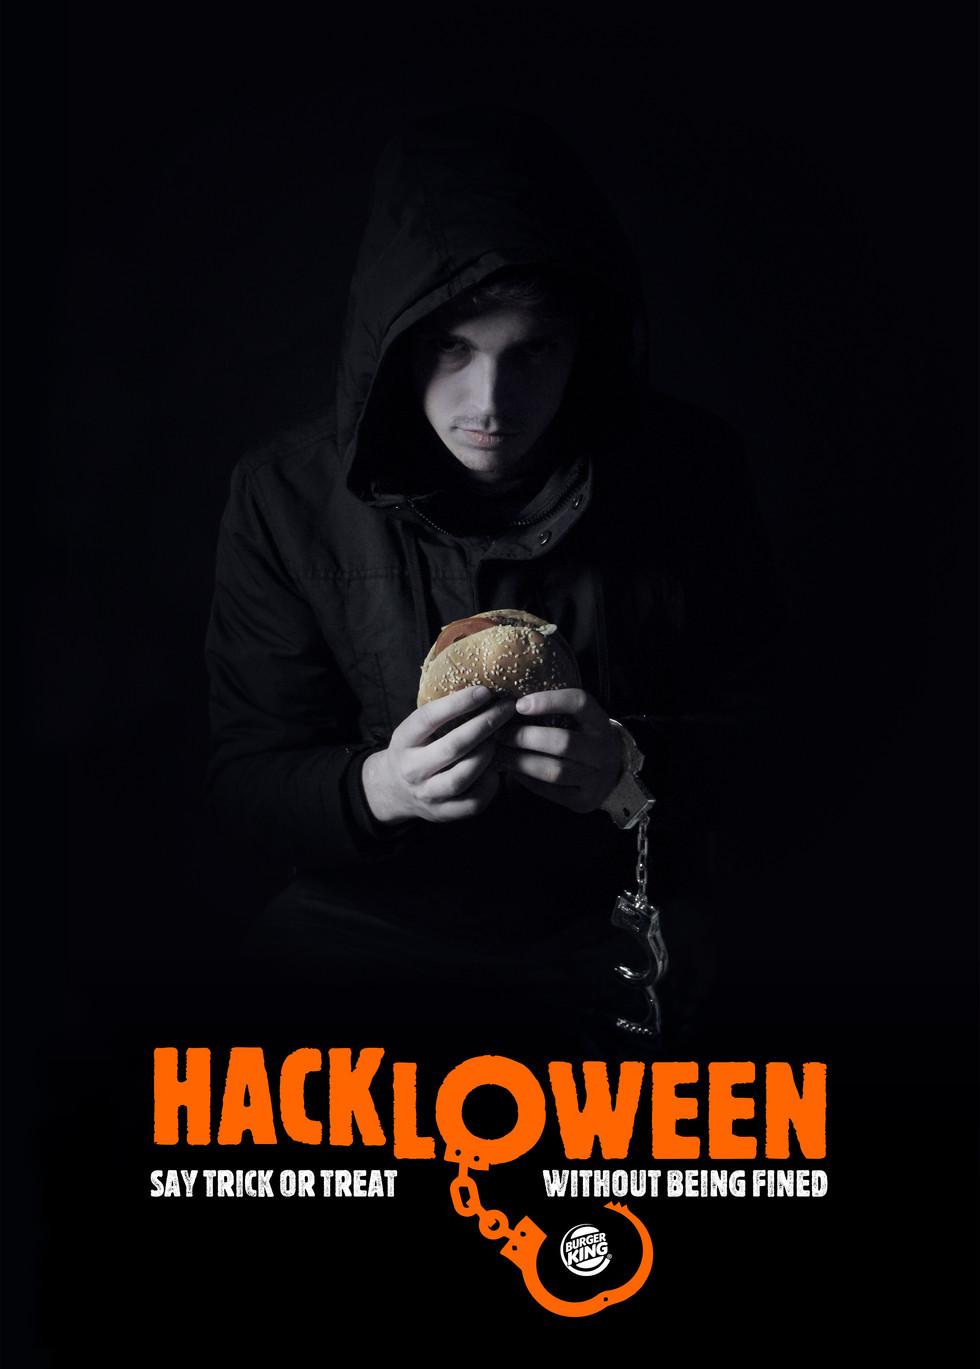 HACKLOWEEN-Print 2.jpg